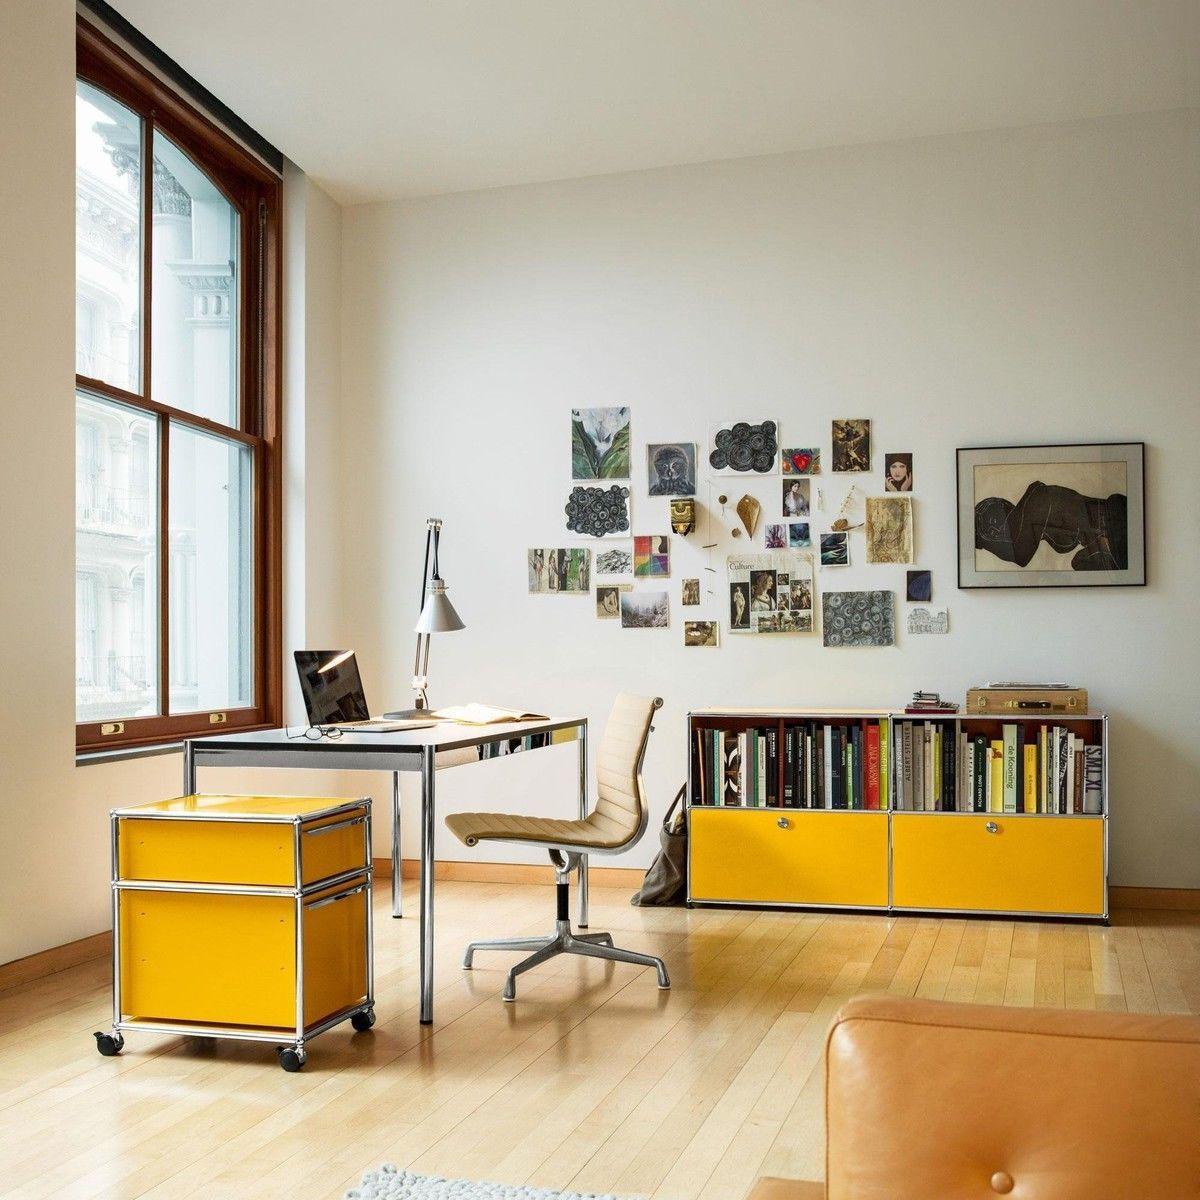 usm tisch 150x75cm | usm haller | ambientedirect, Wohnzimmer